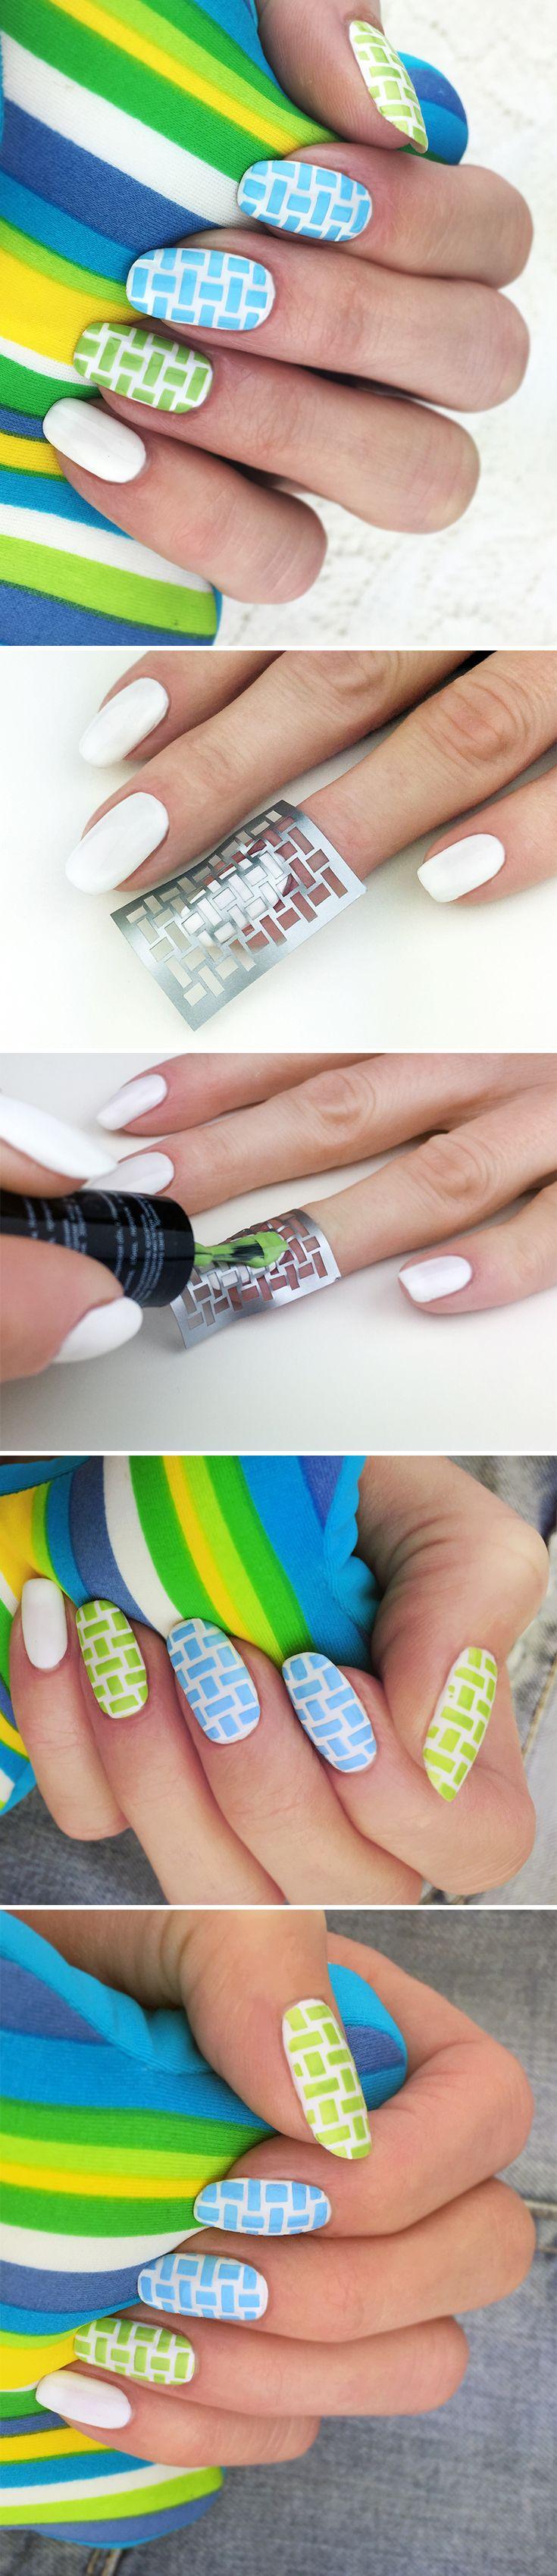 креативные современные идеи для дизайна ногтей 2016